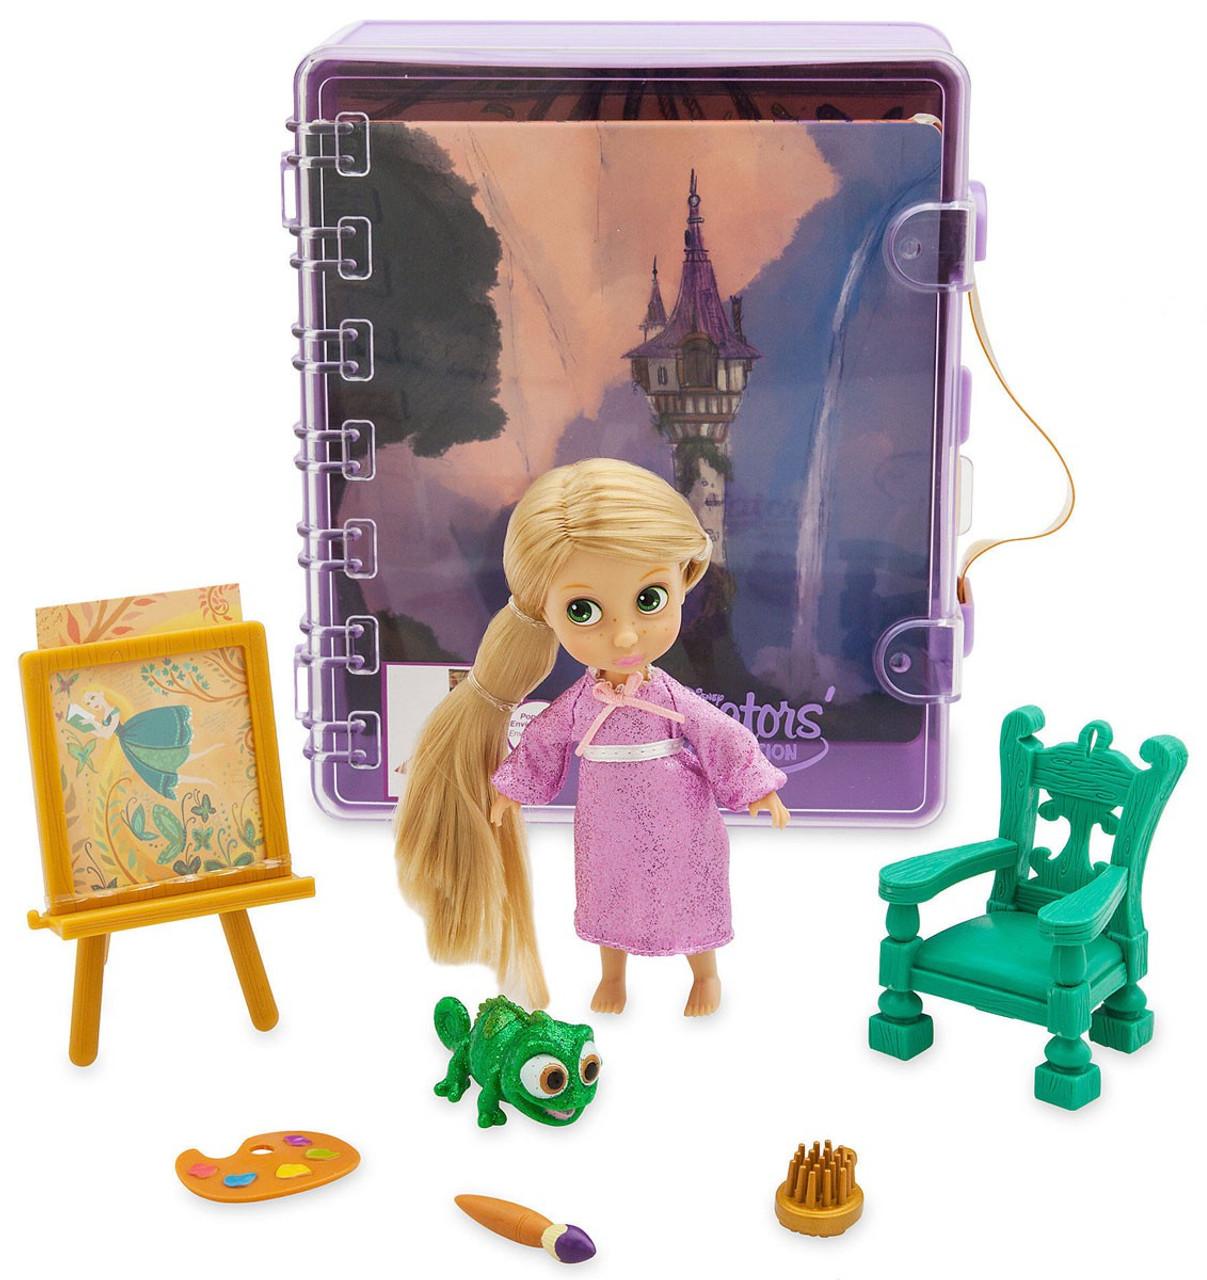 Disney Tangled 5 Inch The Series Mini Doll Set Dolls Accessories Dolls